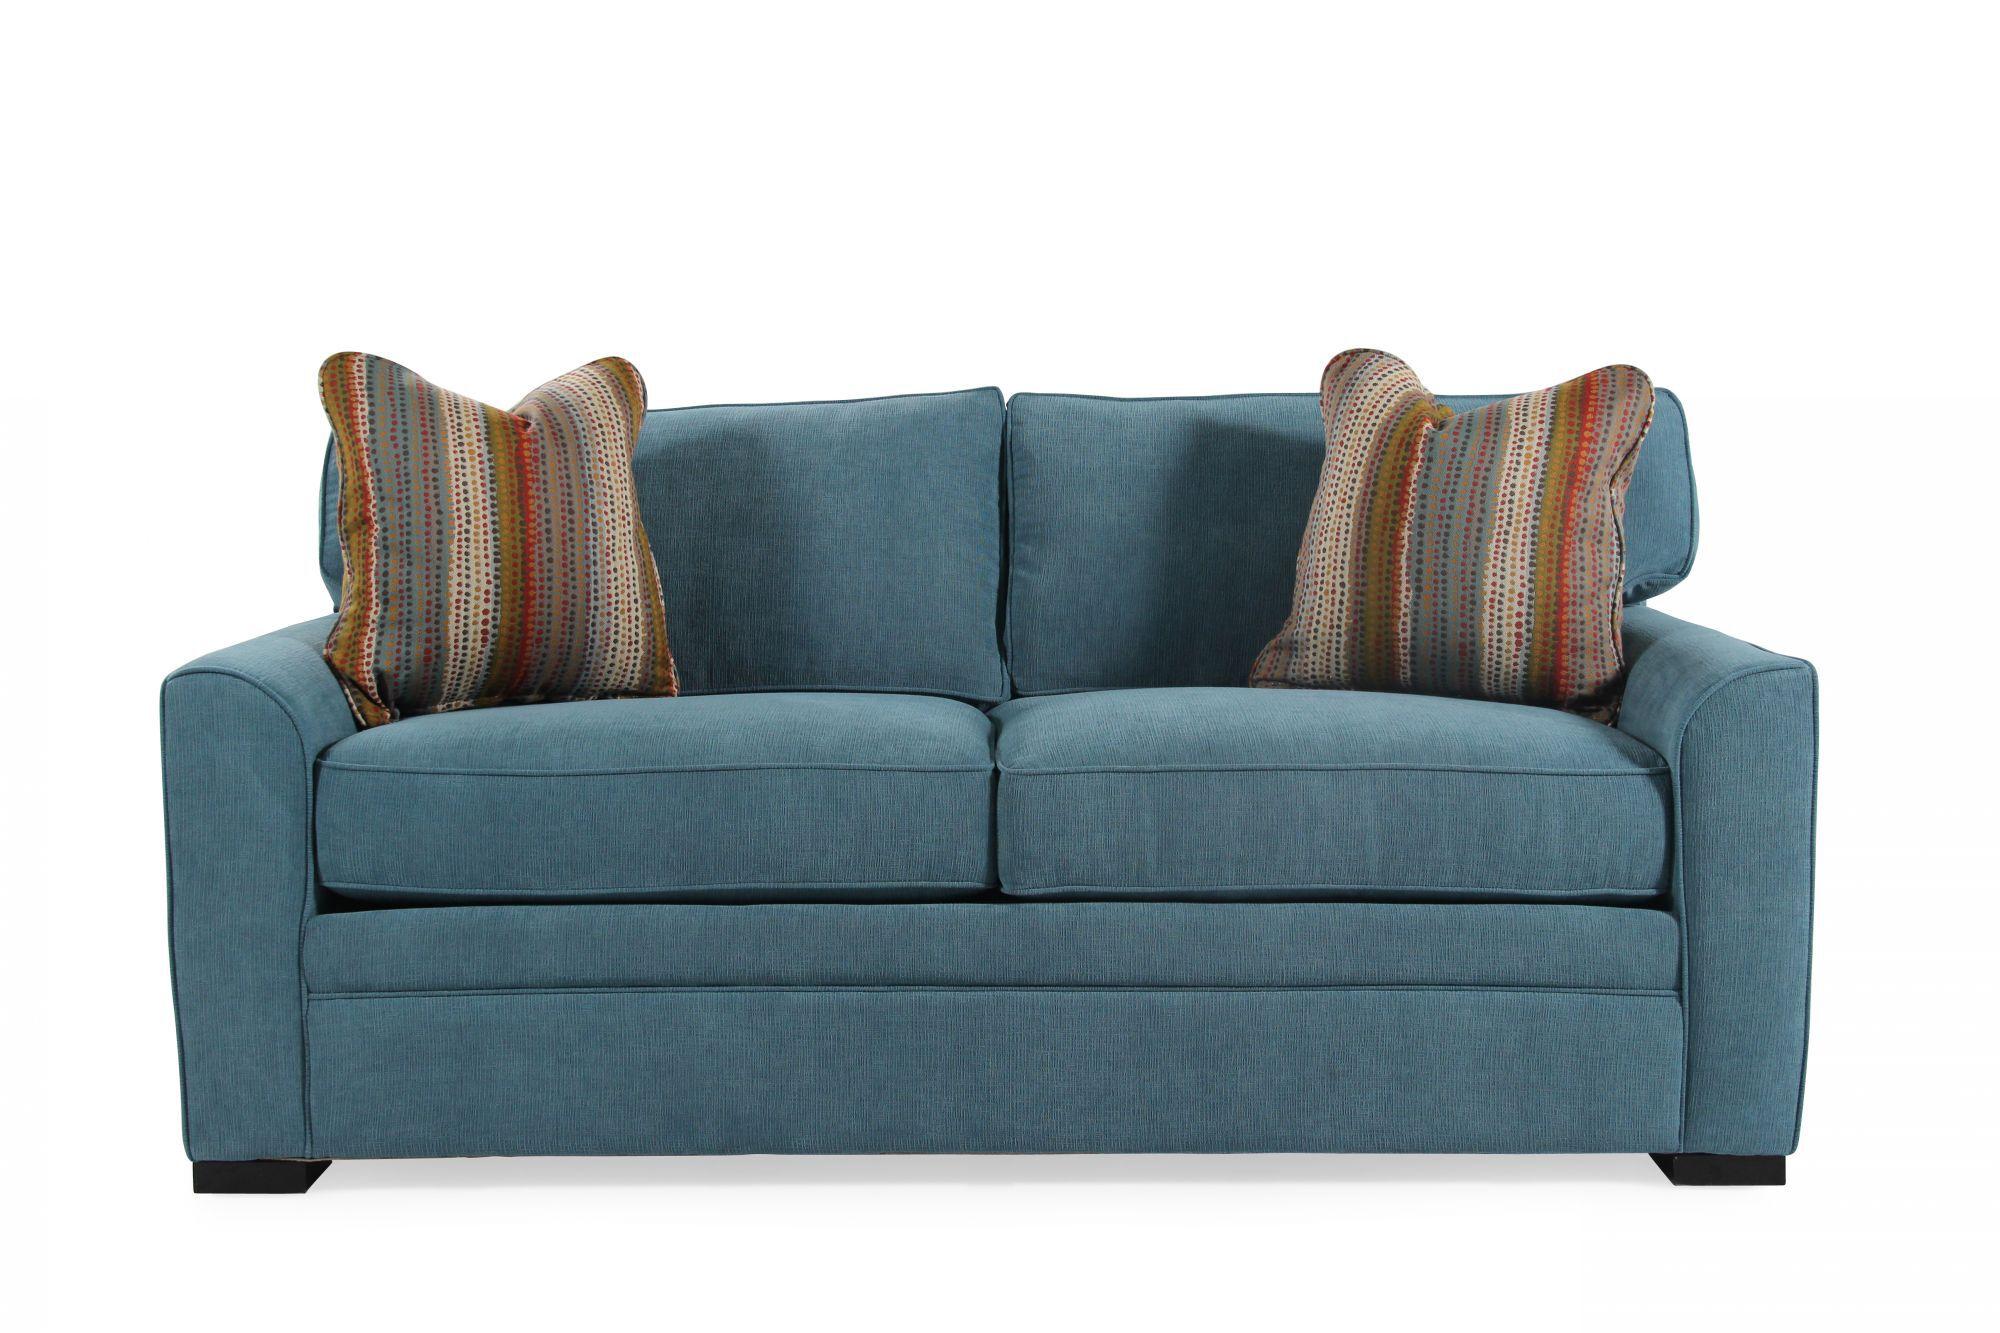 sh memory foam sleeper sofa mattress wall mounted beds sofas with bryden queen ...